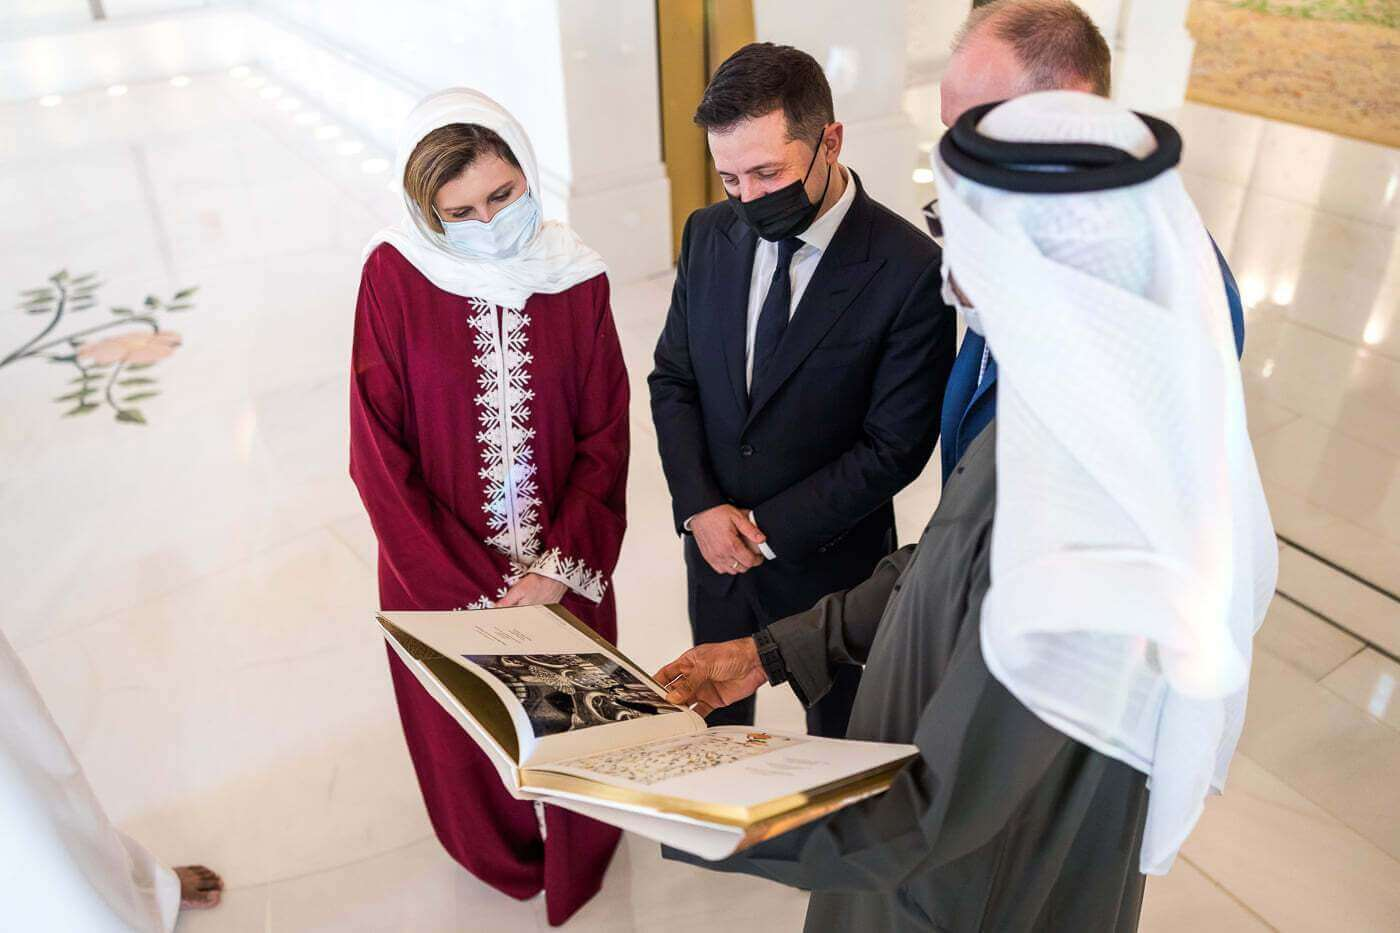 Визит президента Украины с женой в ОАЭ